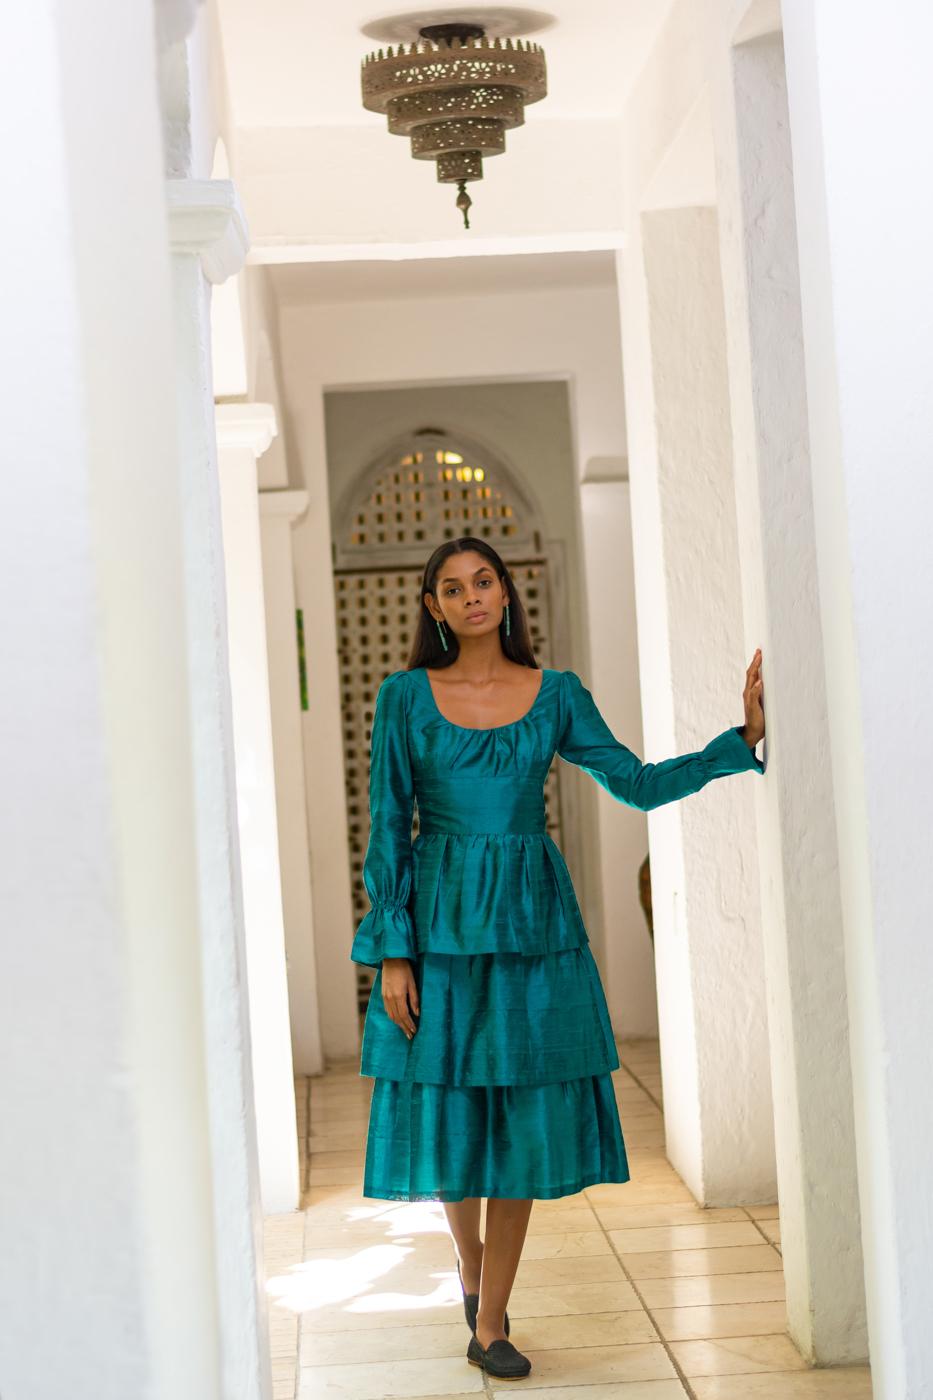 Green taffeta dress